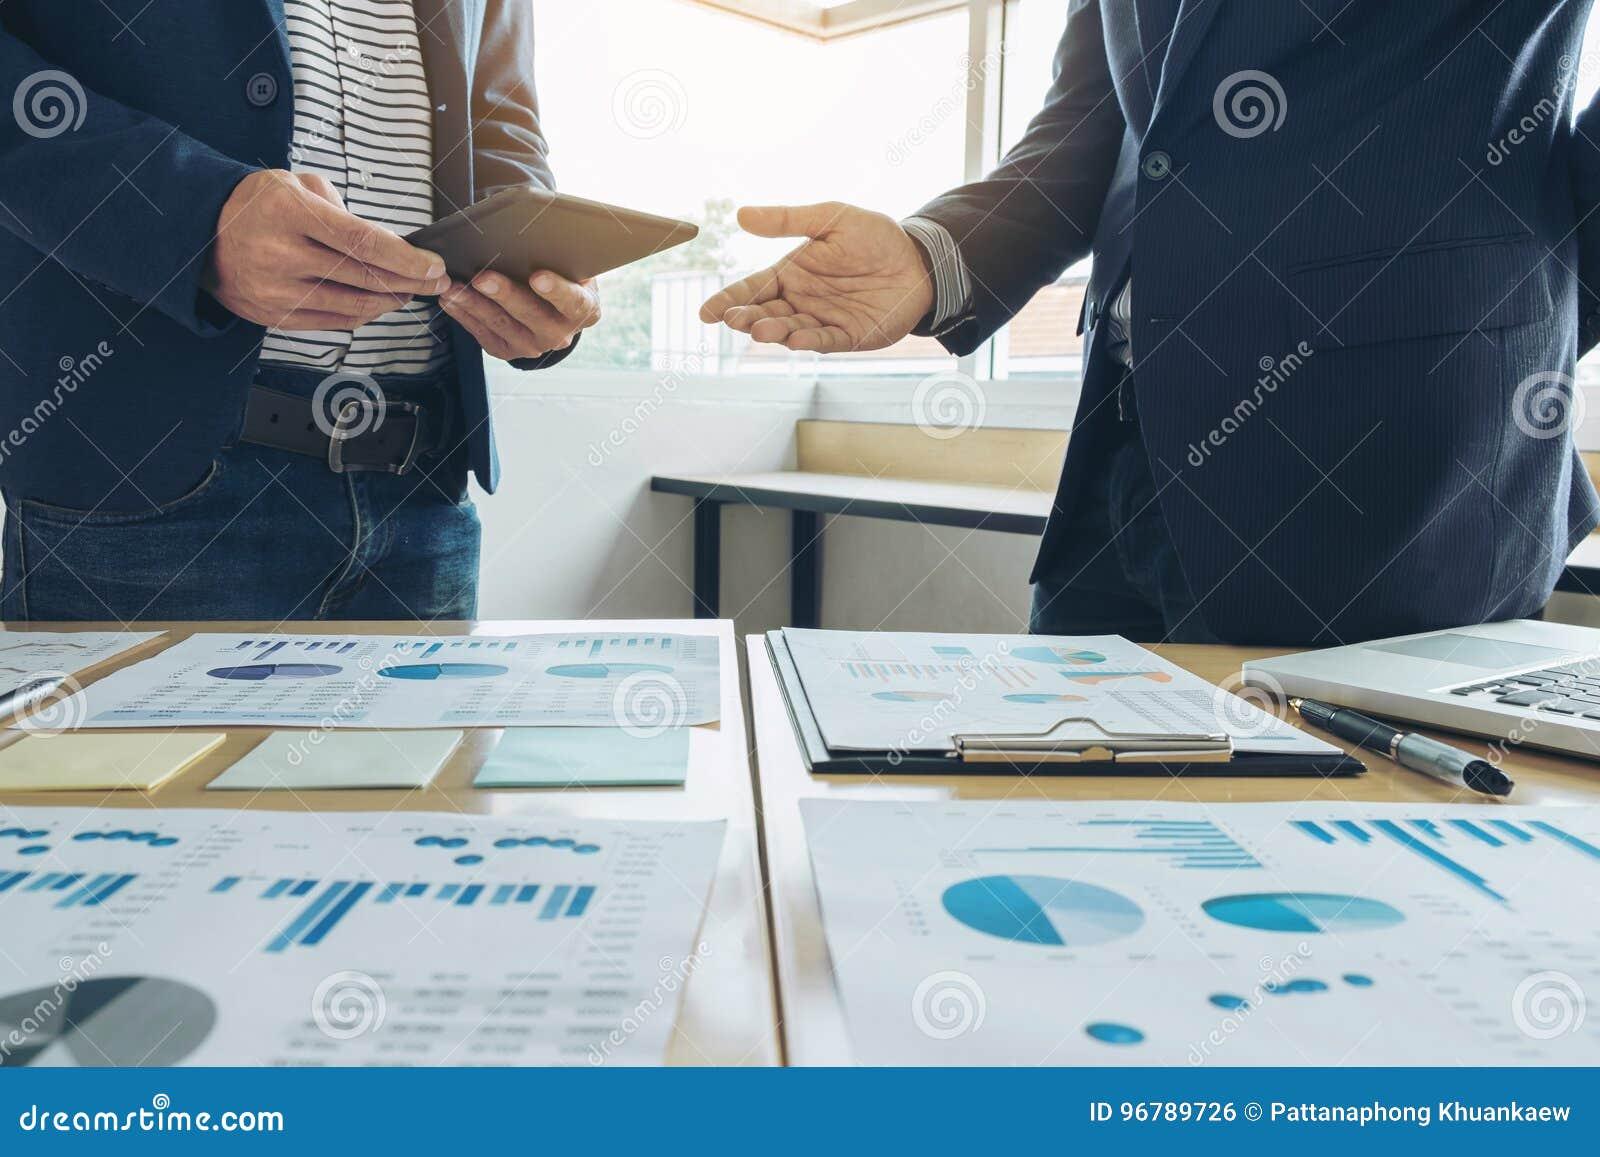 Συνεδρίαση των επιχειρησιακών ομάδων παρούσα νέα ιδέα παρουσίασης γραμματέων και παραγωγή της έκθεσης στον επαγγελματικό επενδυτή